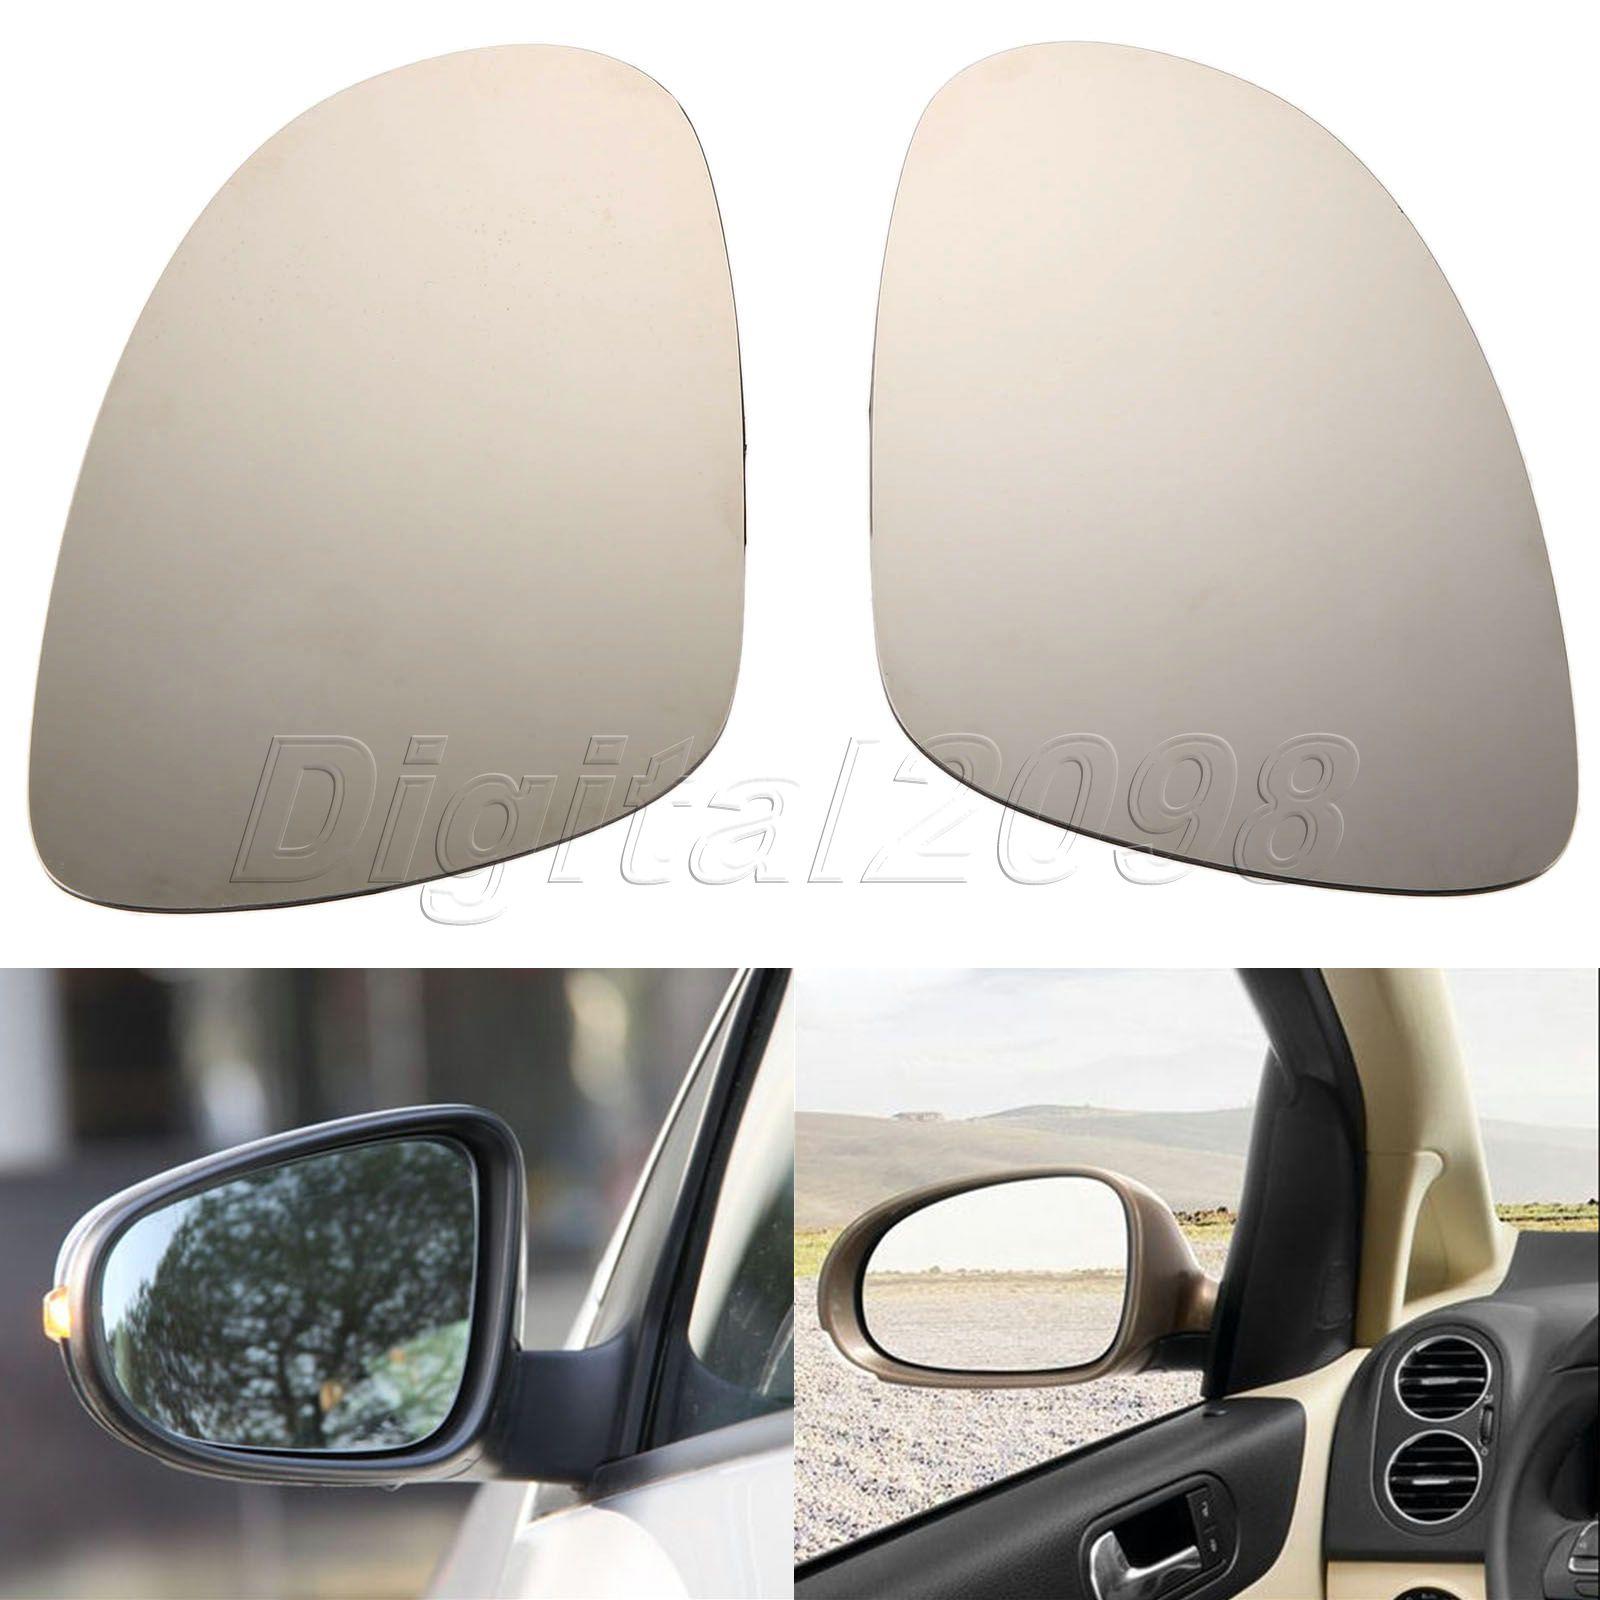 VW Passat MK5 2004-2005 Primed Door Wing Mirror Cover Pair Left /& Right